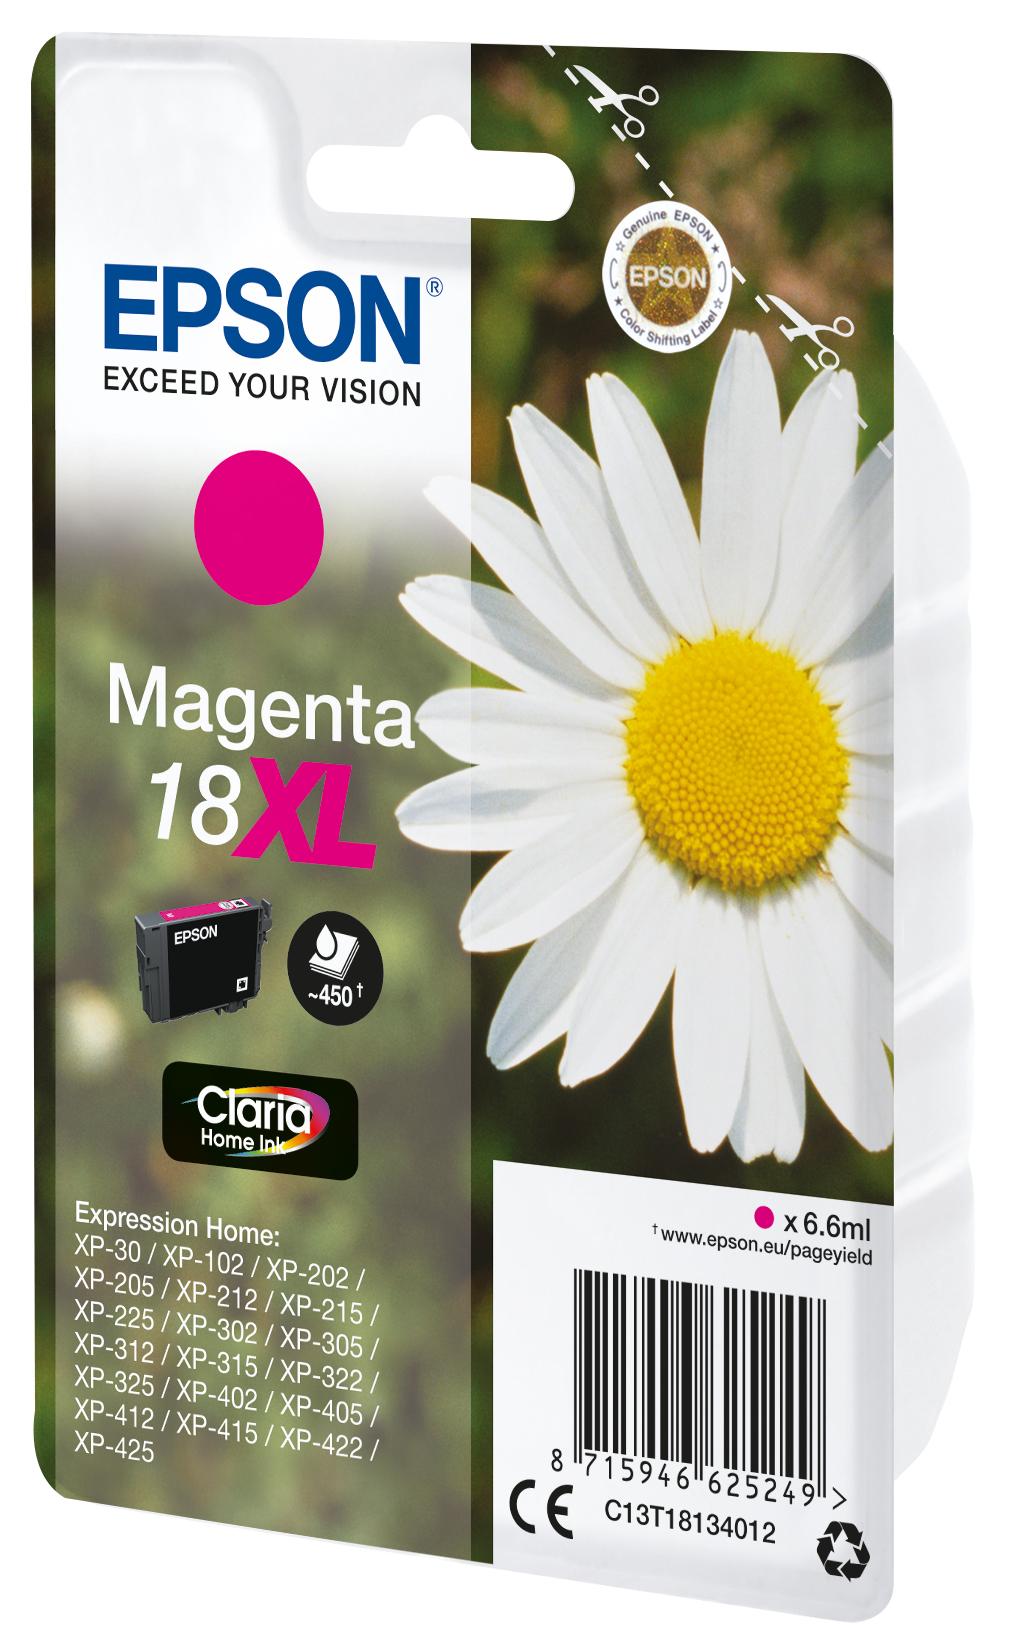 T1813 inkjetcartridge 18XL magenta (450 afdrukken)